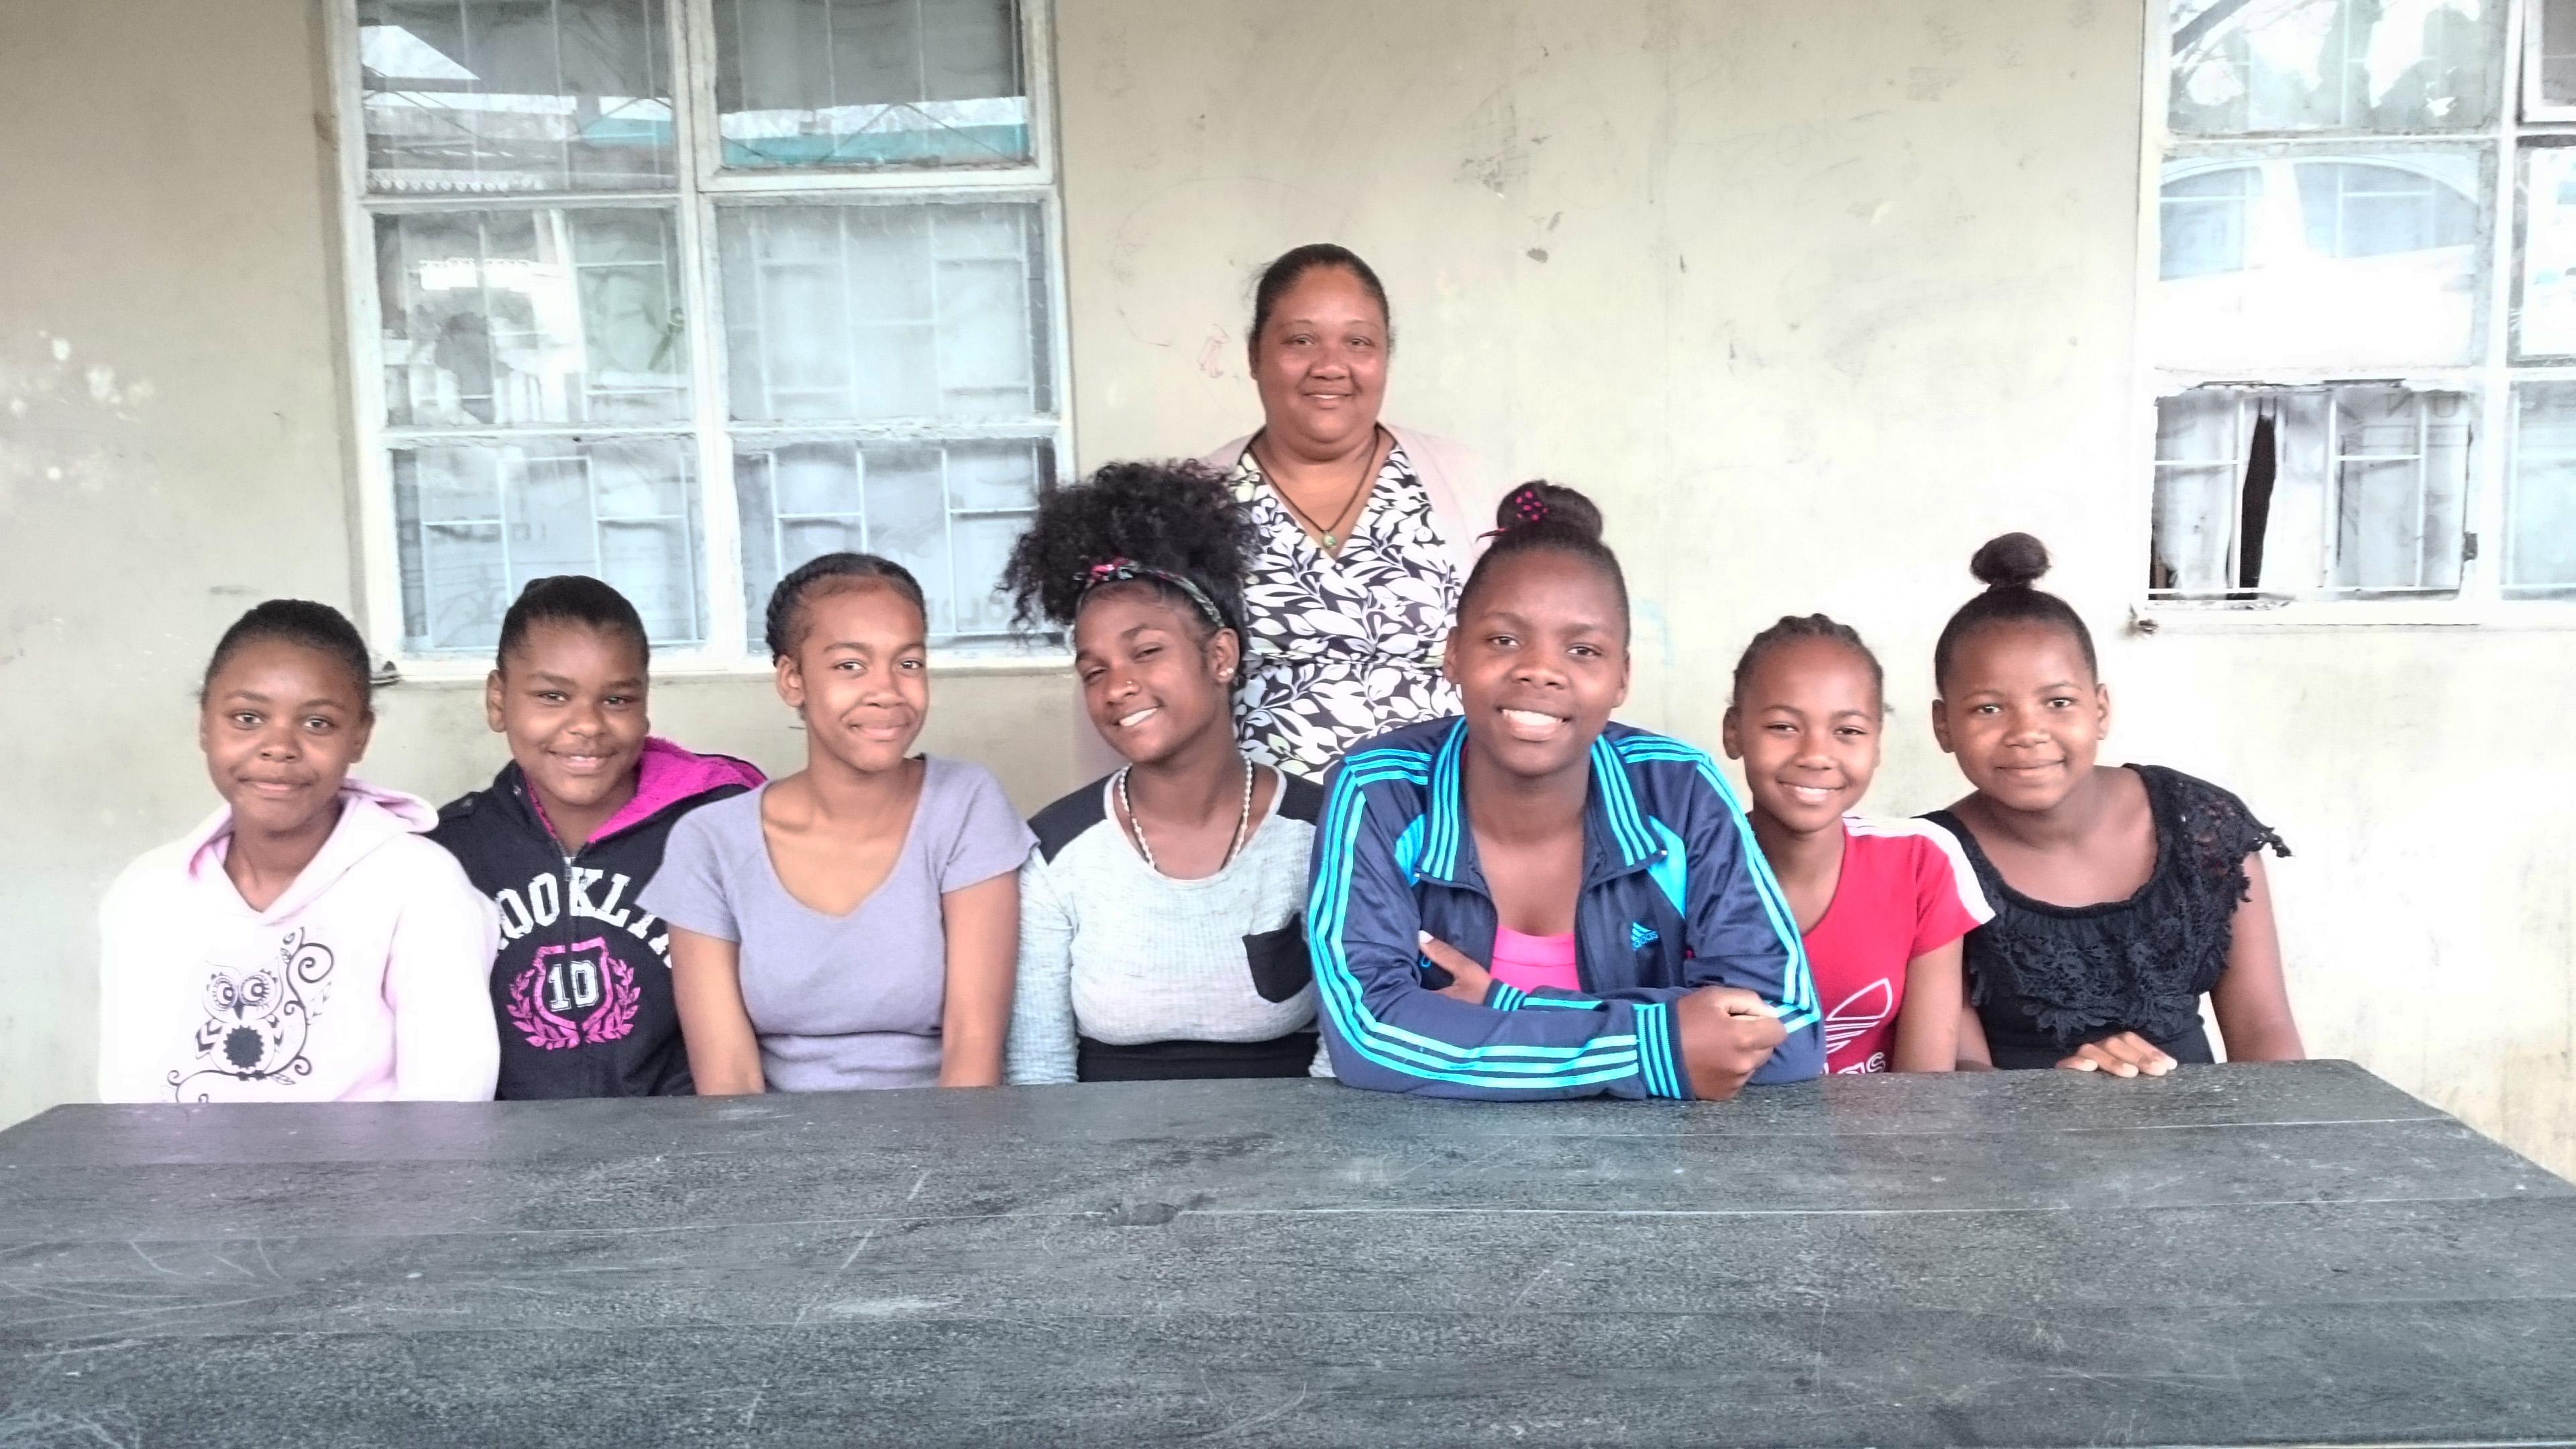 Une expérience formidable pour 7 jeunes filles d'Anoska